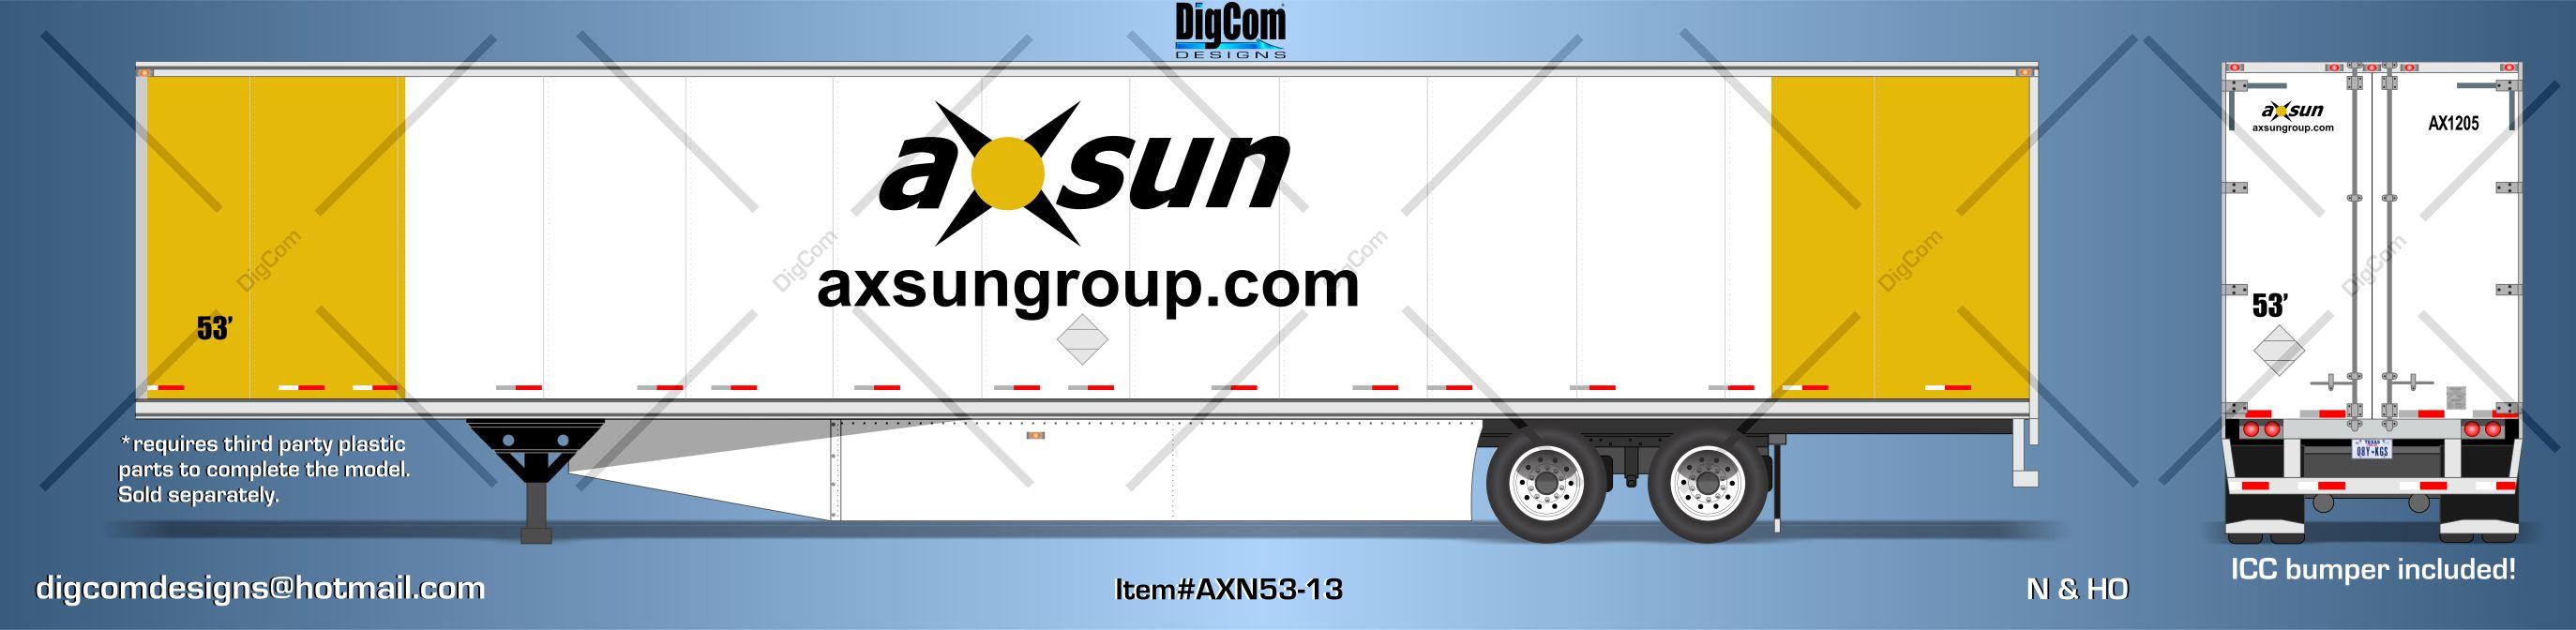 AXSUN TRAILER DESIGN.jpg